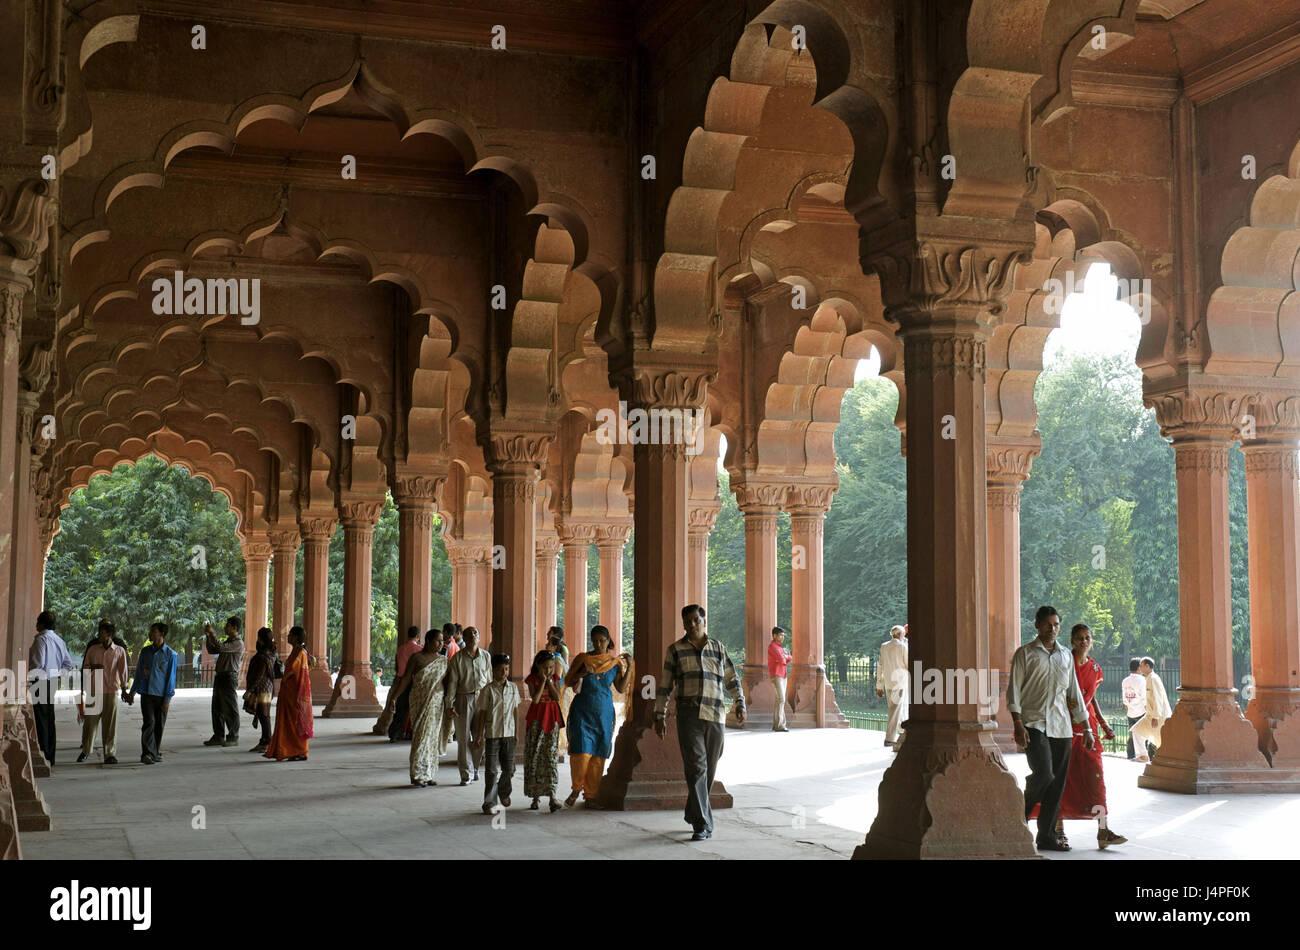 India, Delhi, Old Delhi, Red fort, divan I AM, hall of the public consultations, - Stock Image